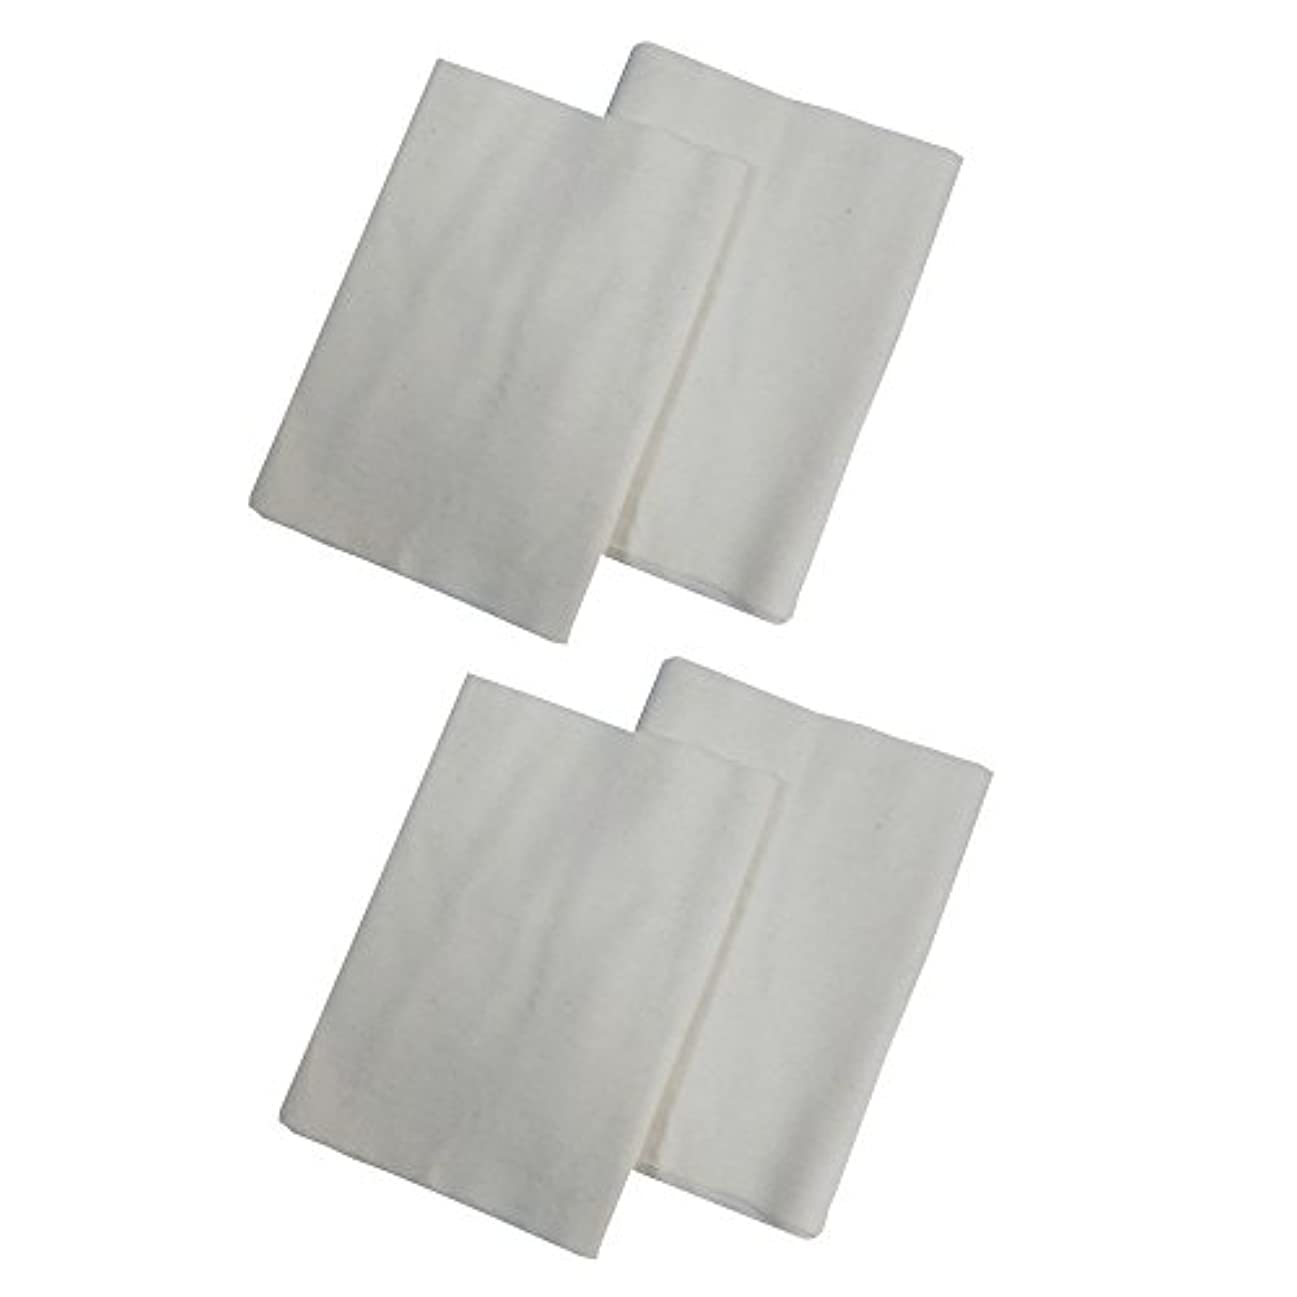 ほとんどないプレートごちそうコットンフランネル4枚組(ヒマシ油用) 無添加 無漂白 平織 両面起毛フランネル生成 (4)